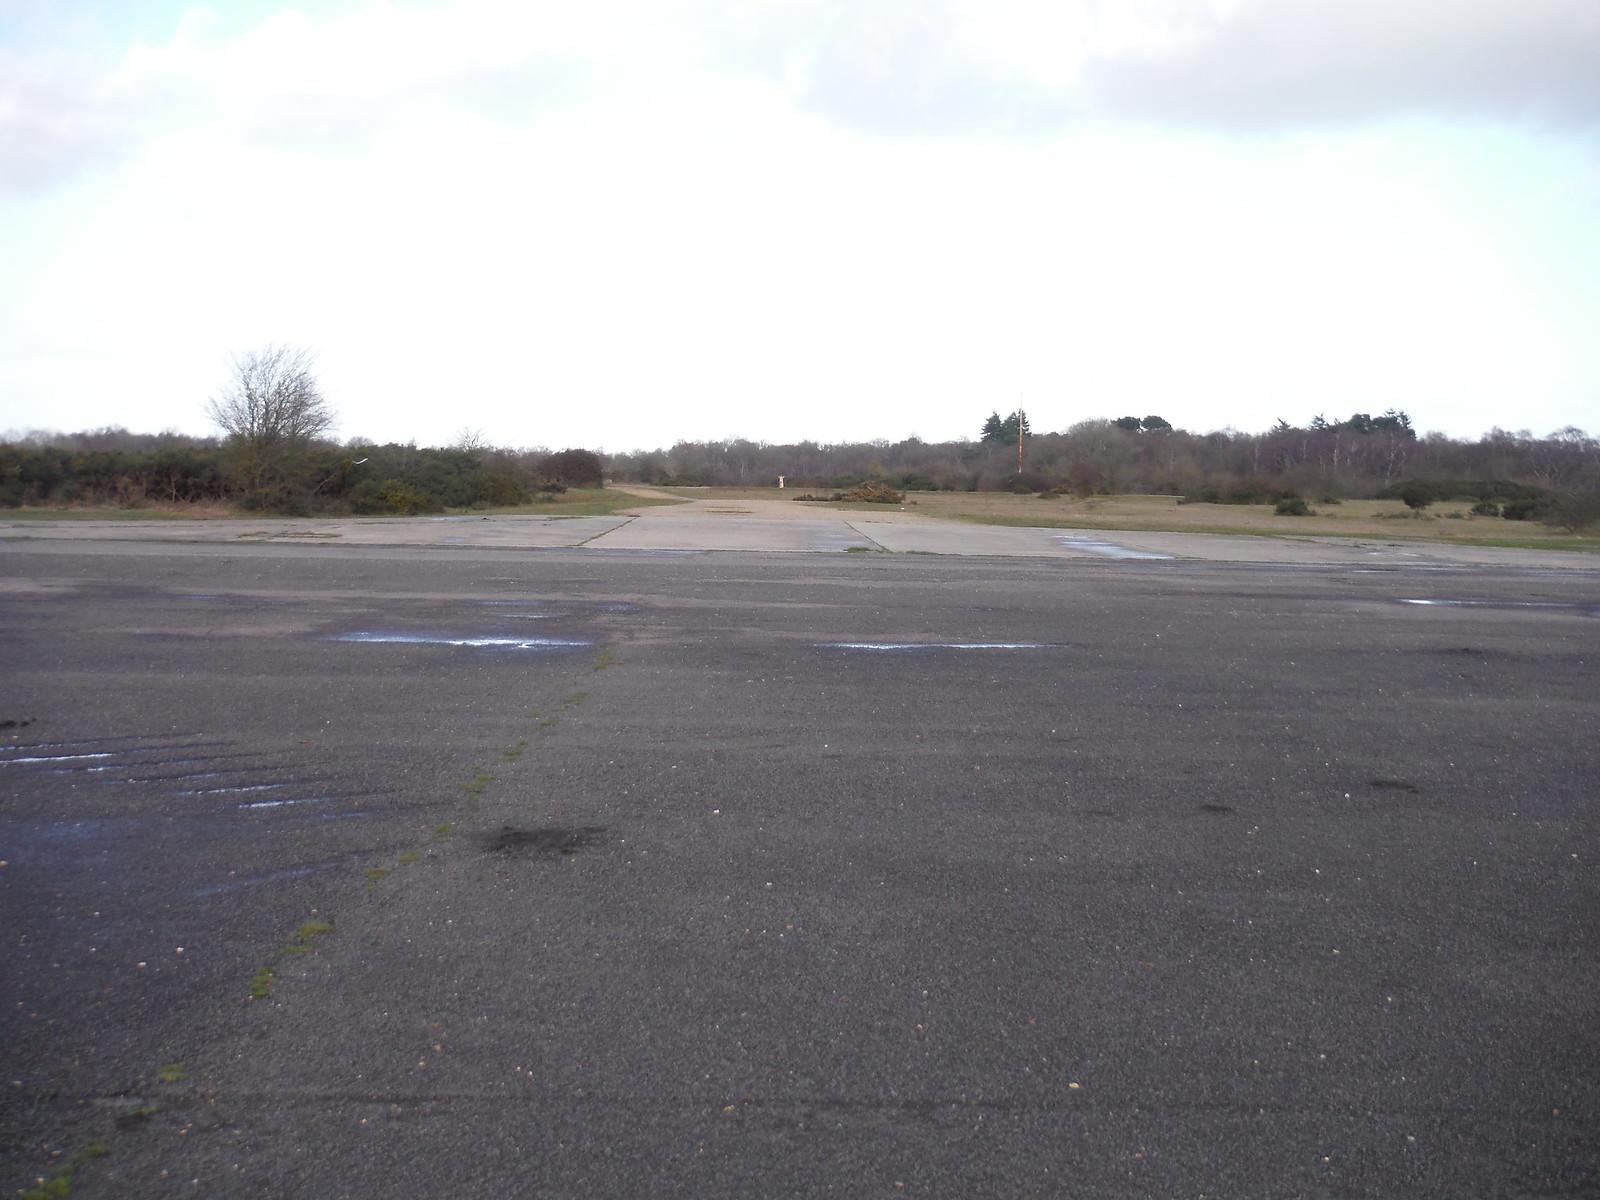 Greenham Common. London Newbury Airport? Ryanair, are you watching? SWC Walk 34 Newbury Racecourse to Woolhampton (Midgham Station)